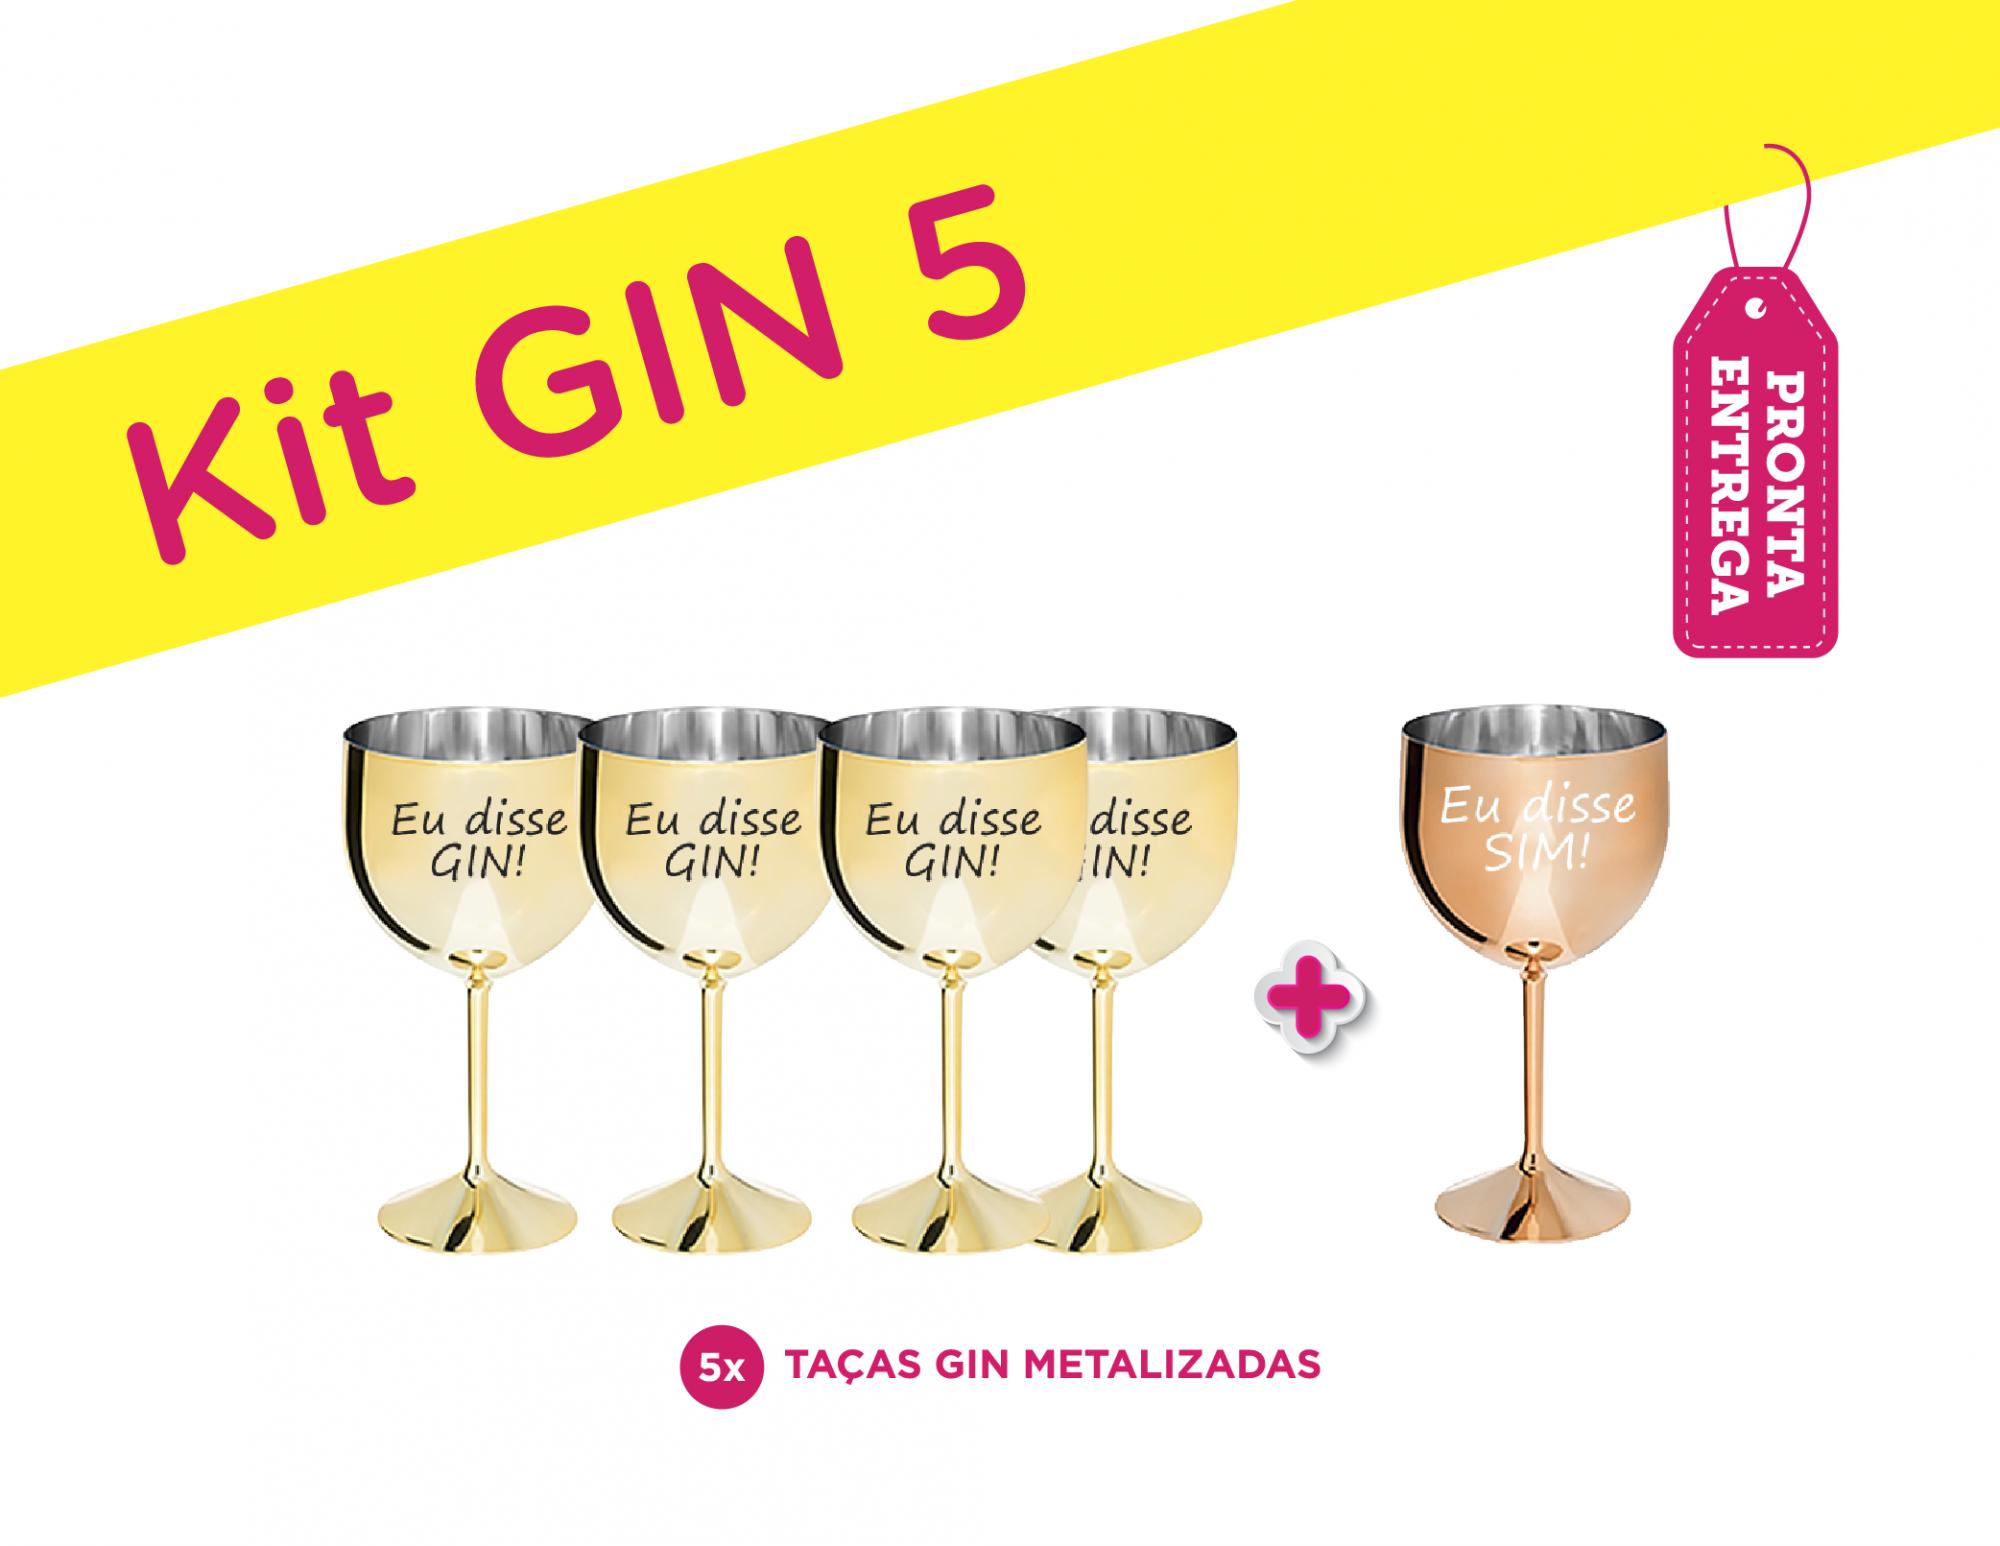 Kit Gin 5 Metalizado Eu Disse Gin/Eu Disse Sim Pronta Entrega para Despedida de Solteira